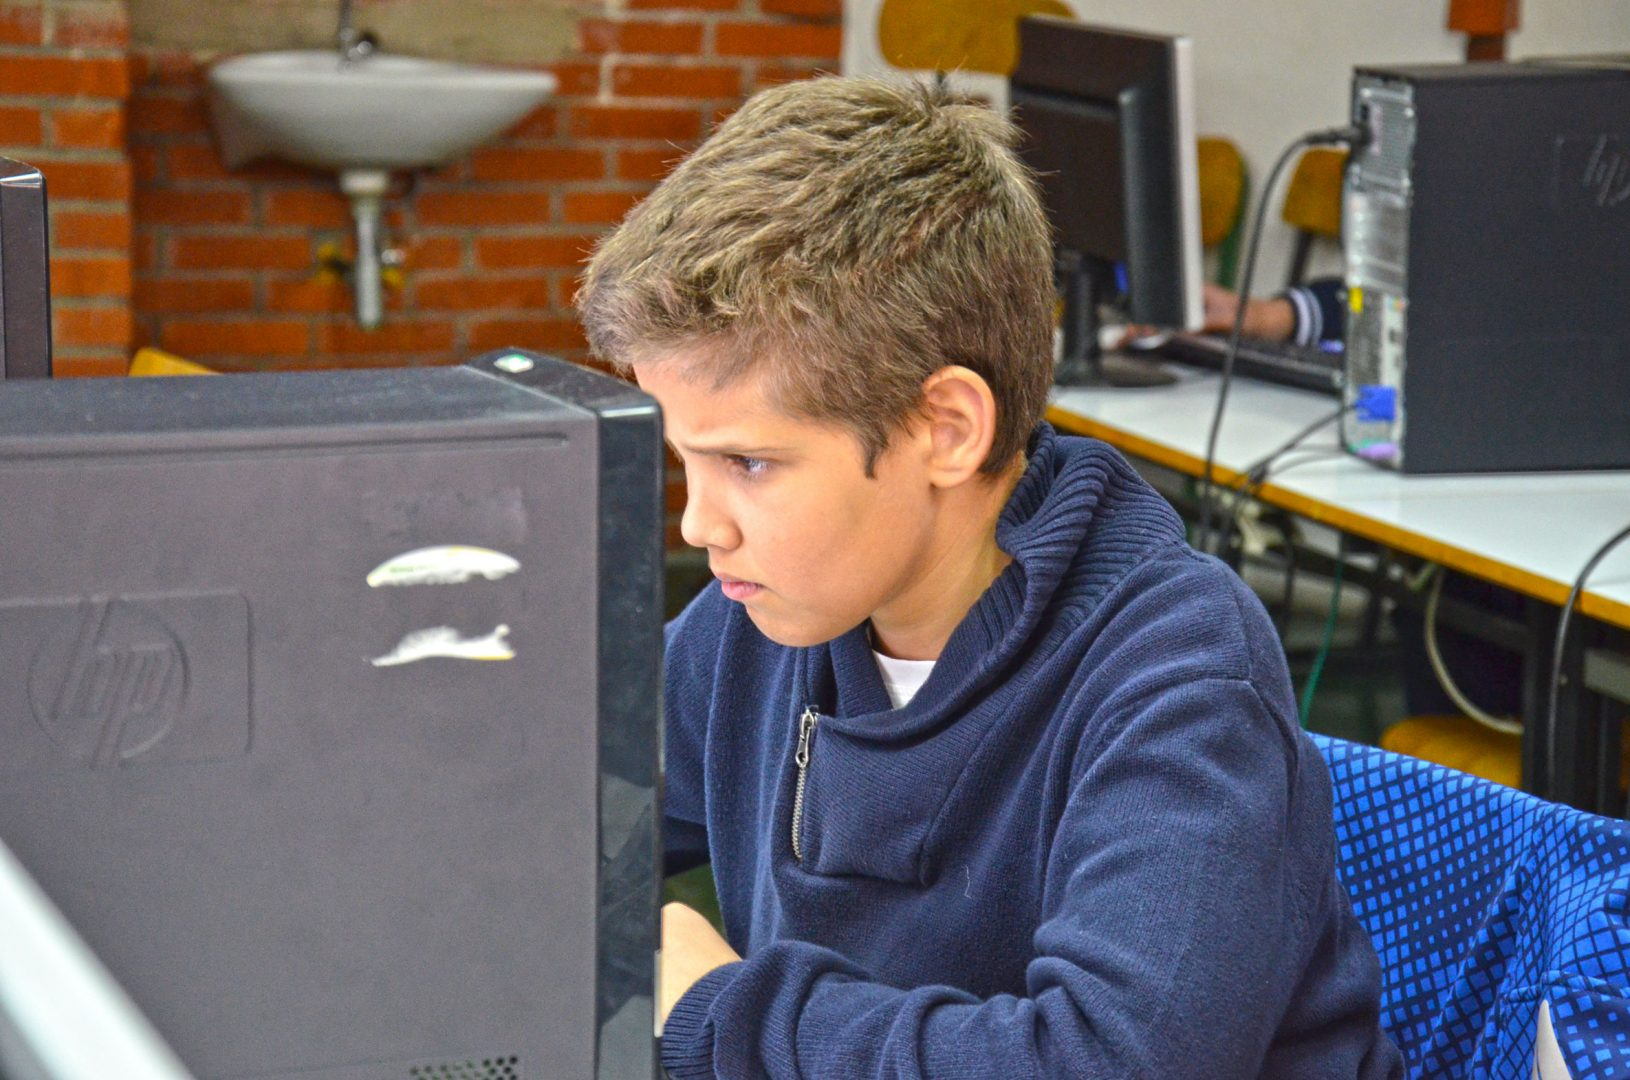 Skola-programiranja-Kosta